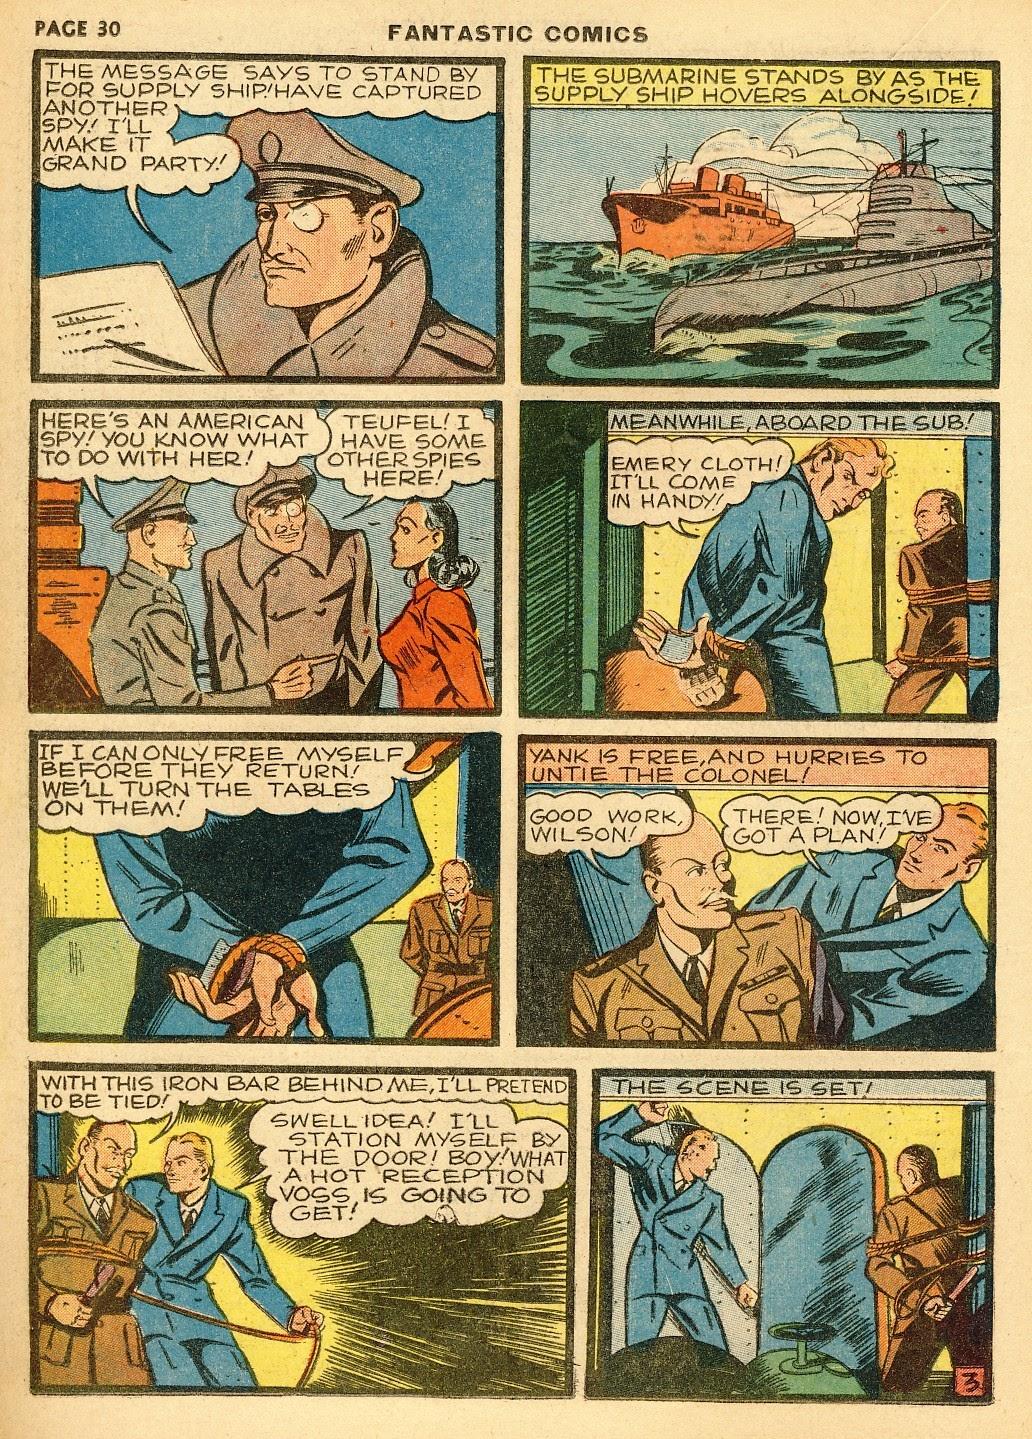 Read online Fantastic Comics comic -  Issue #10 - 31